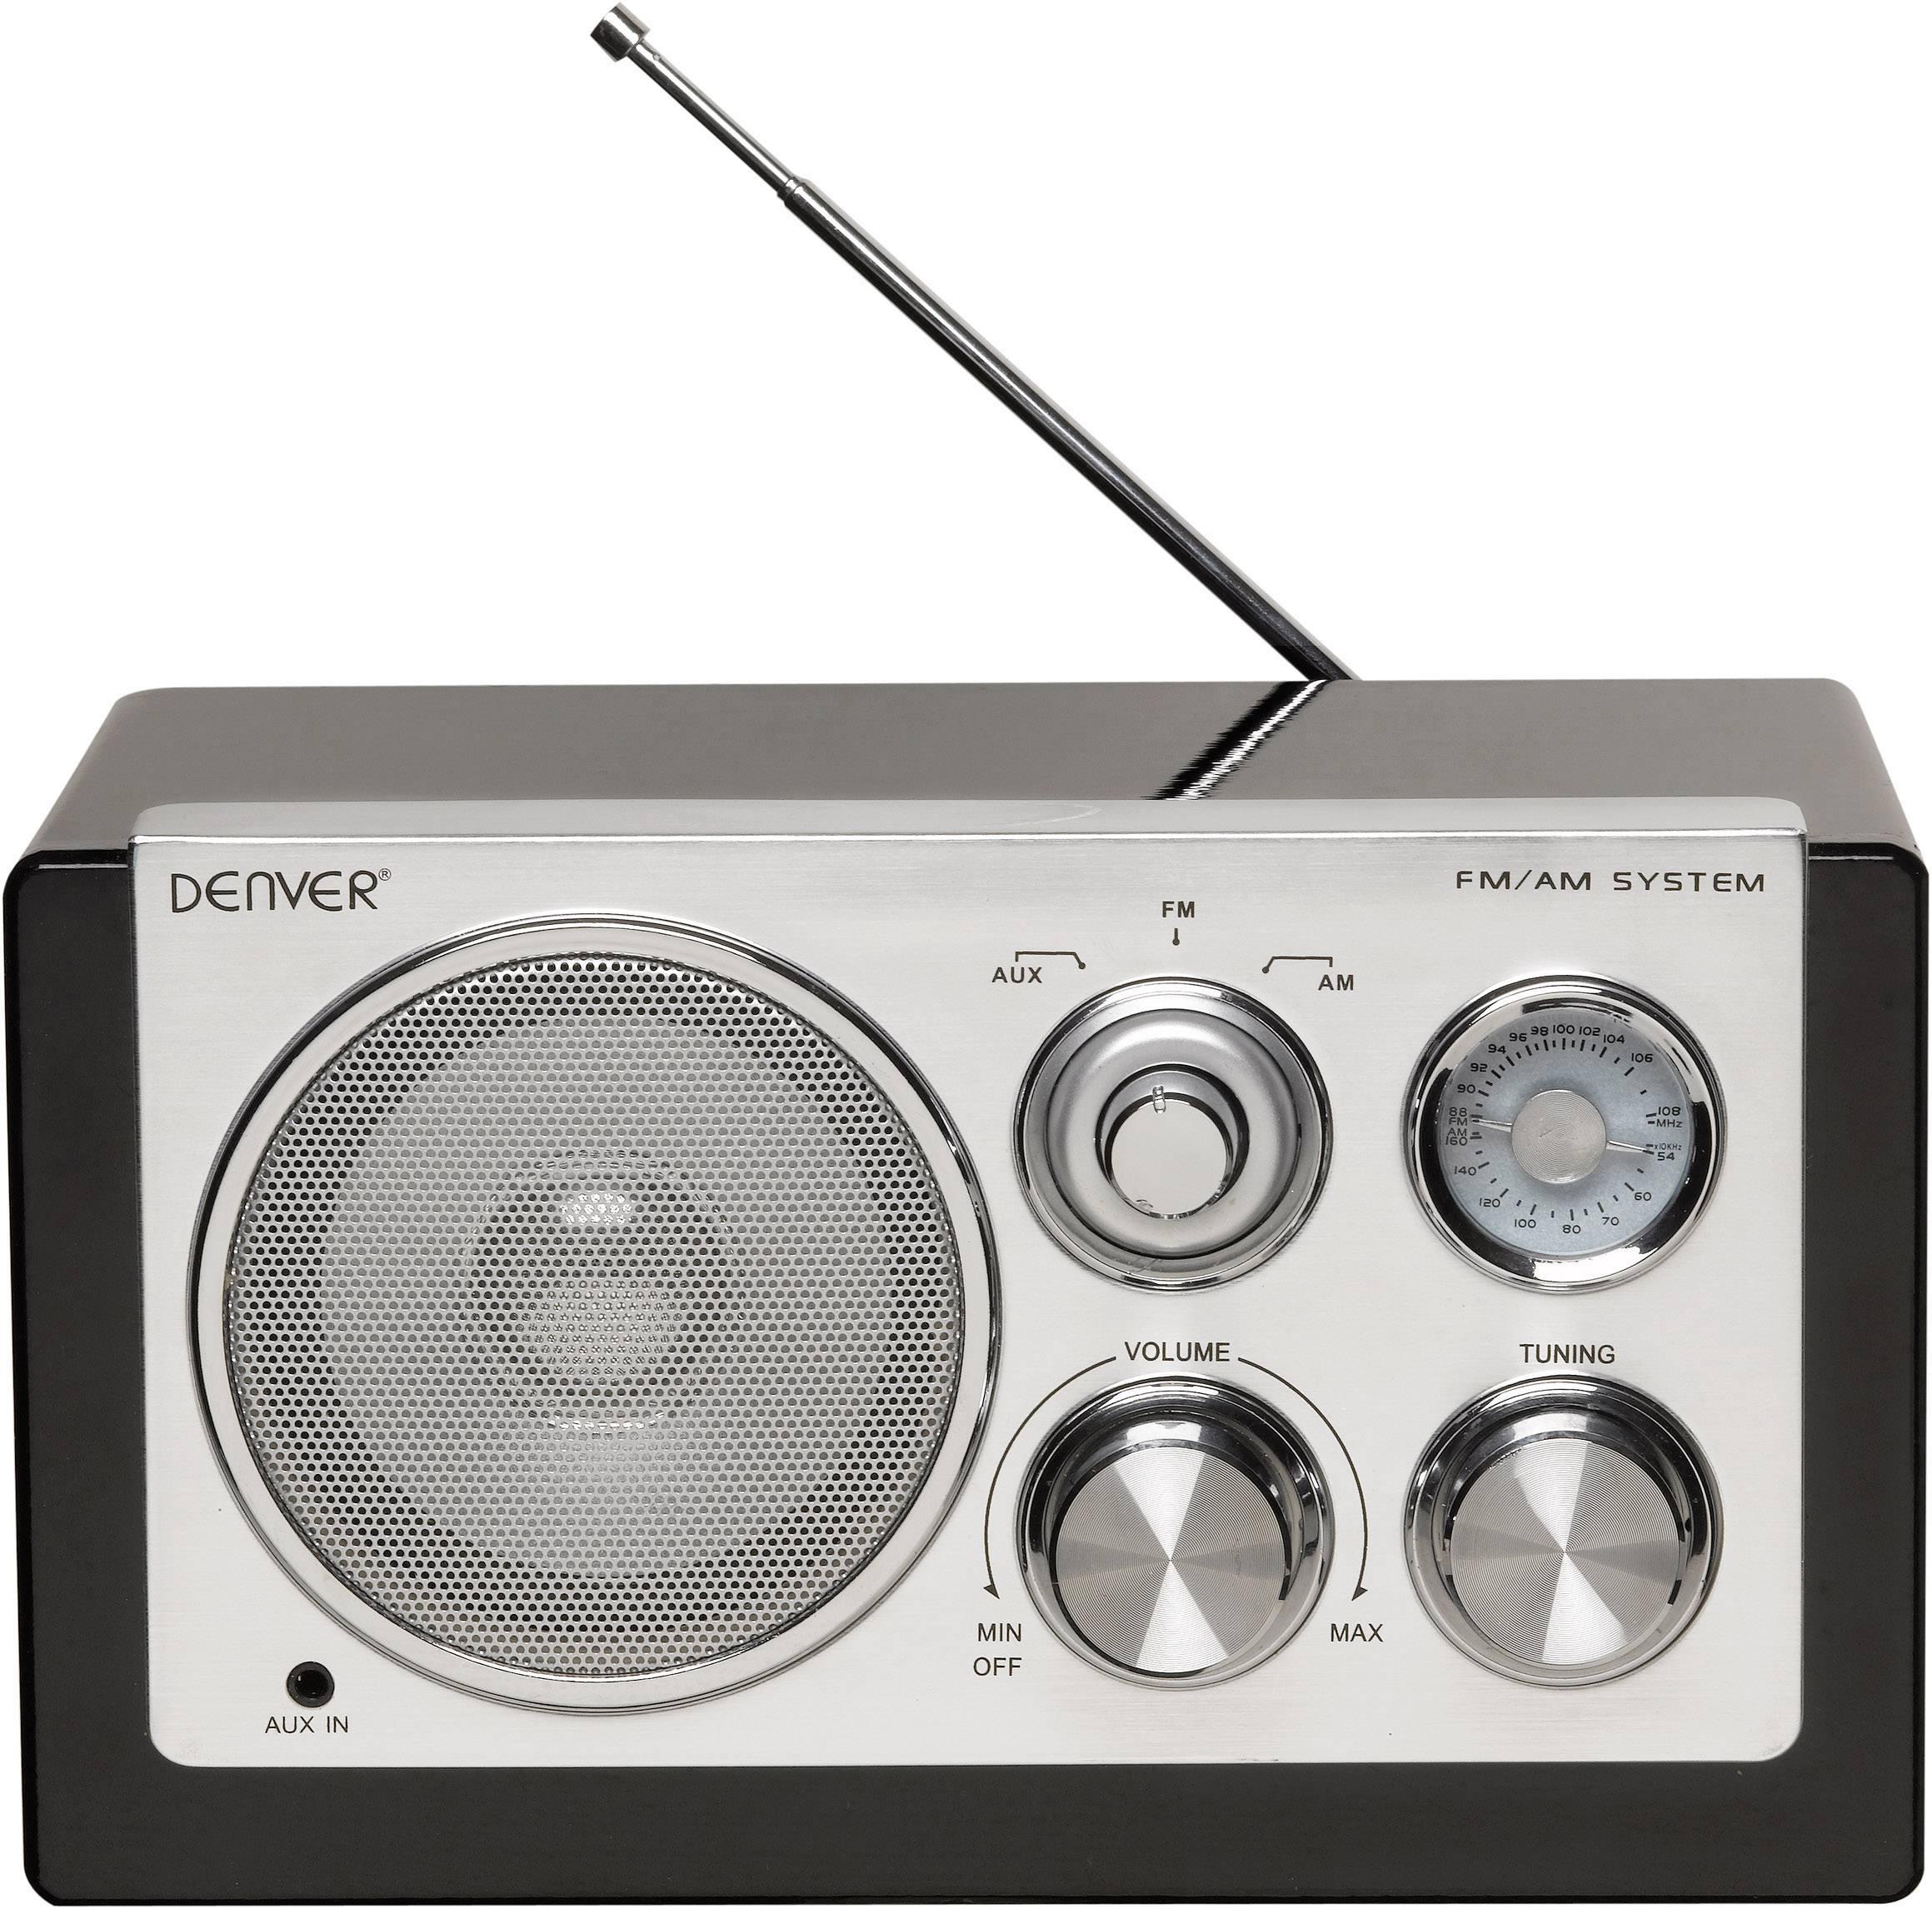 FM stolní rádio Denver TR-61, AUX, SV, FM, černá, stříbrná